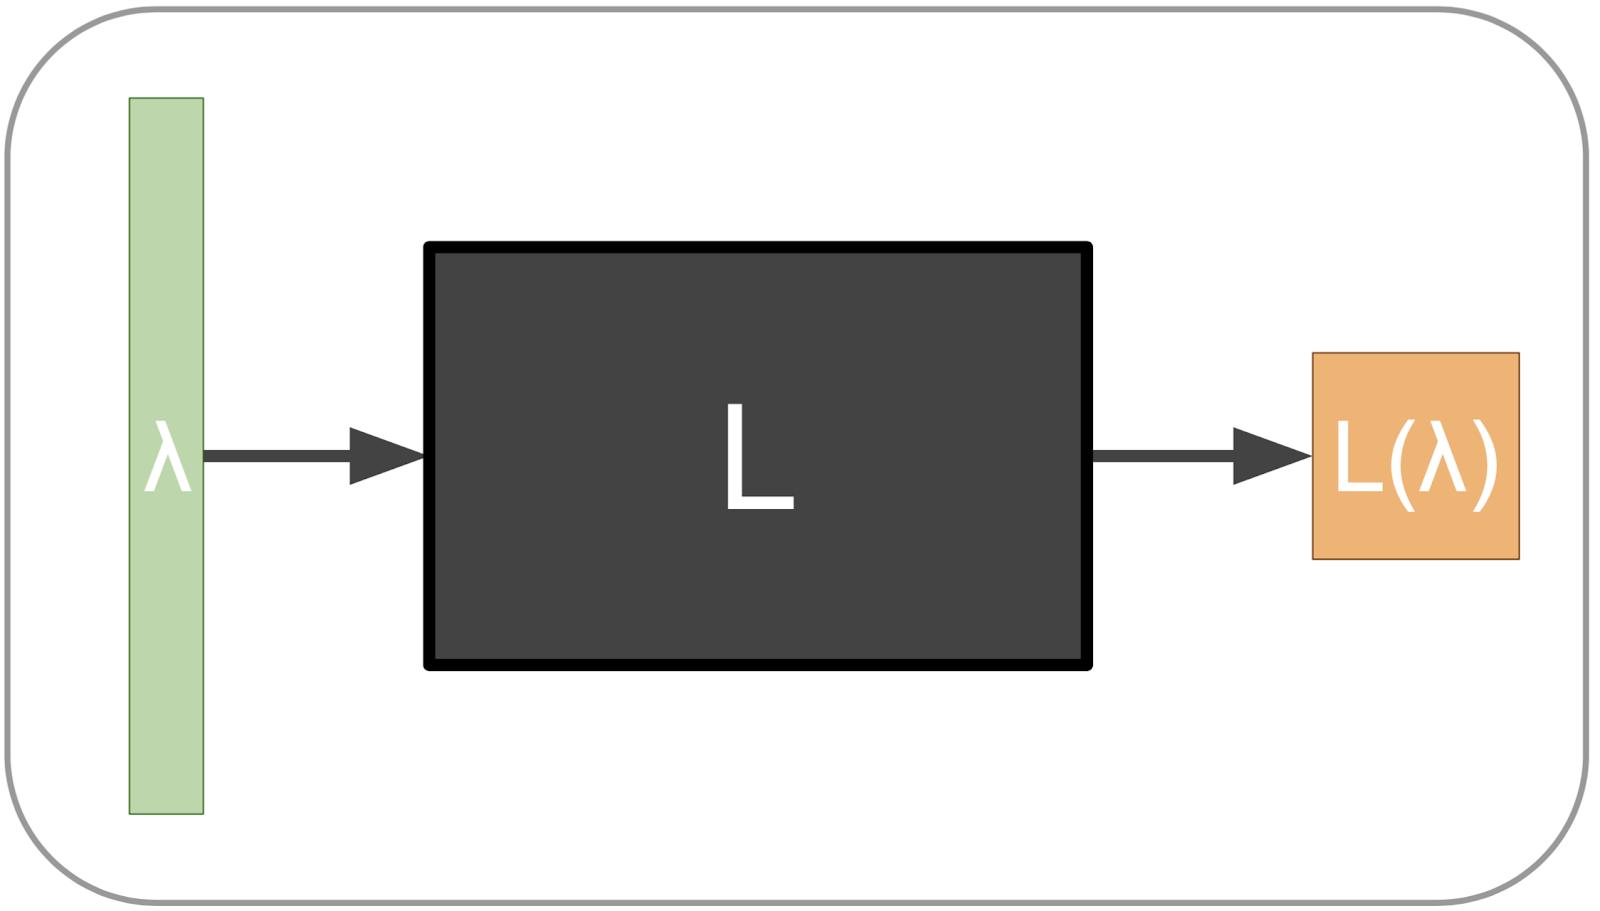 ベイズ最適化を用いた高次元ブラックボックス最適化手法の検証